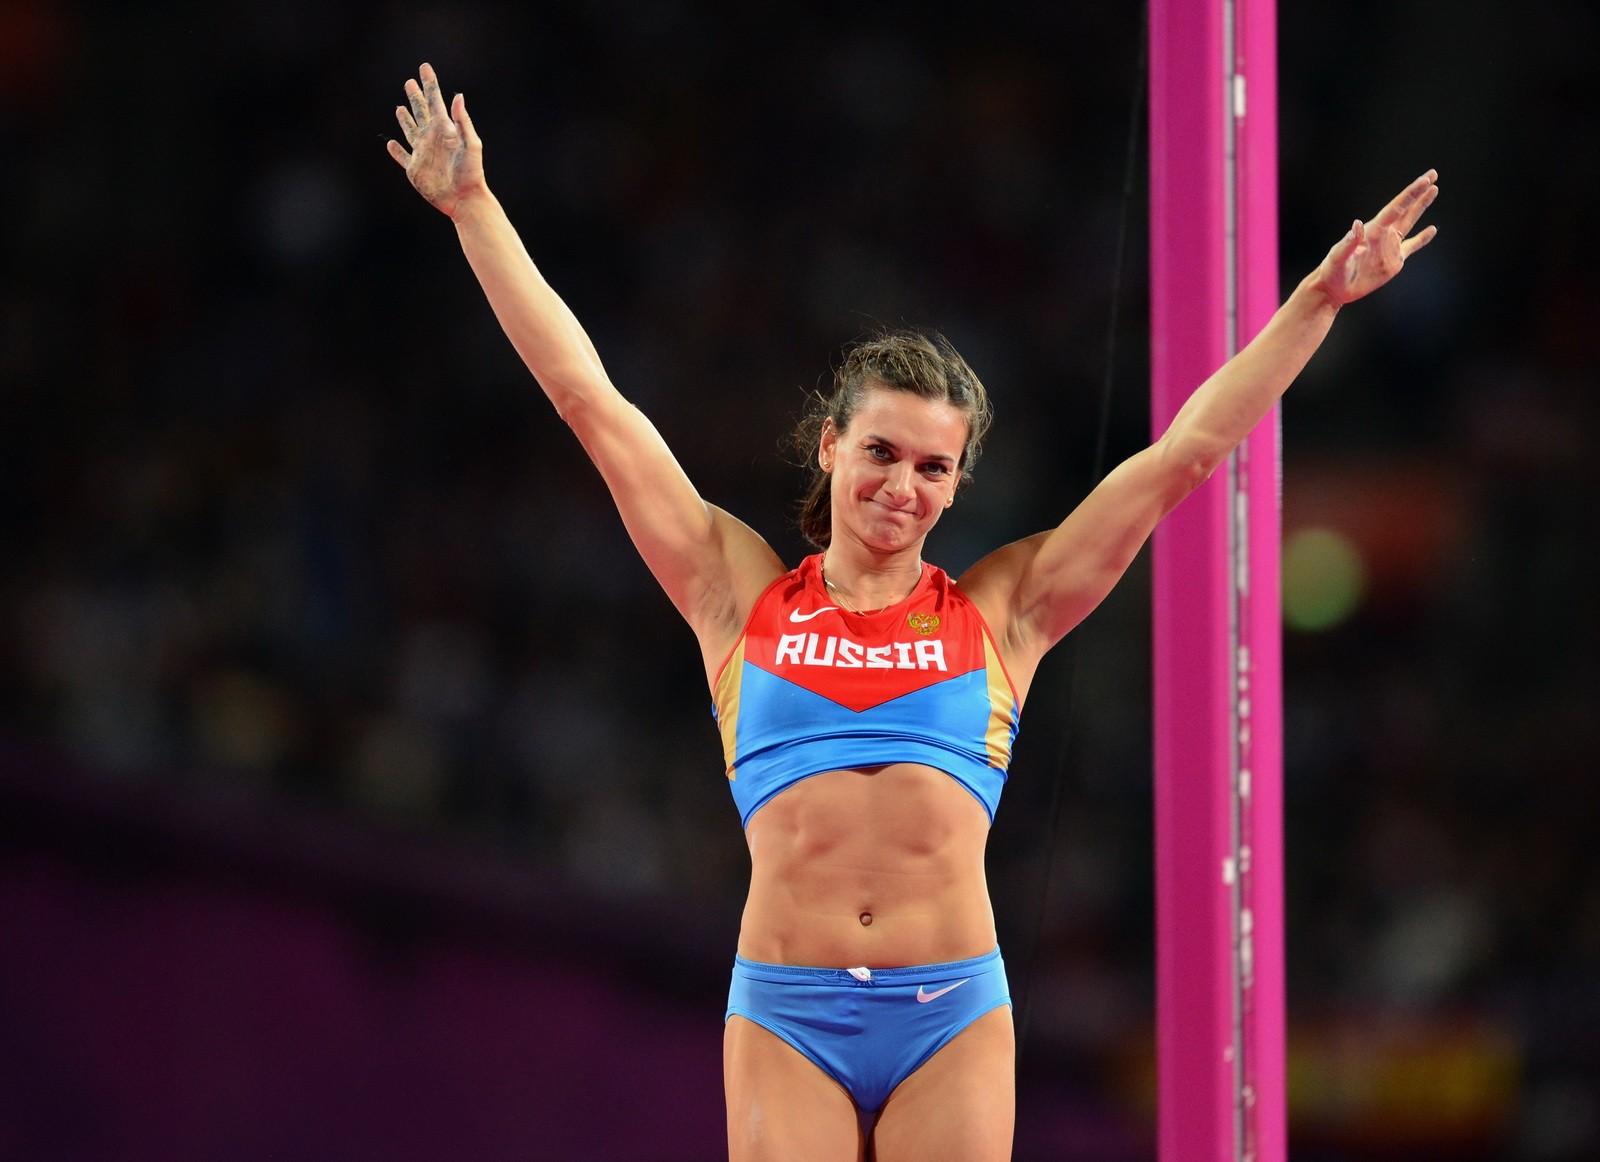 Рио-2016. Исинбаева планирует посетить состязания попрыжкам сшестом